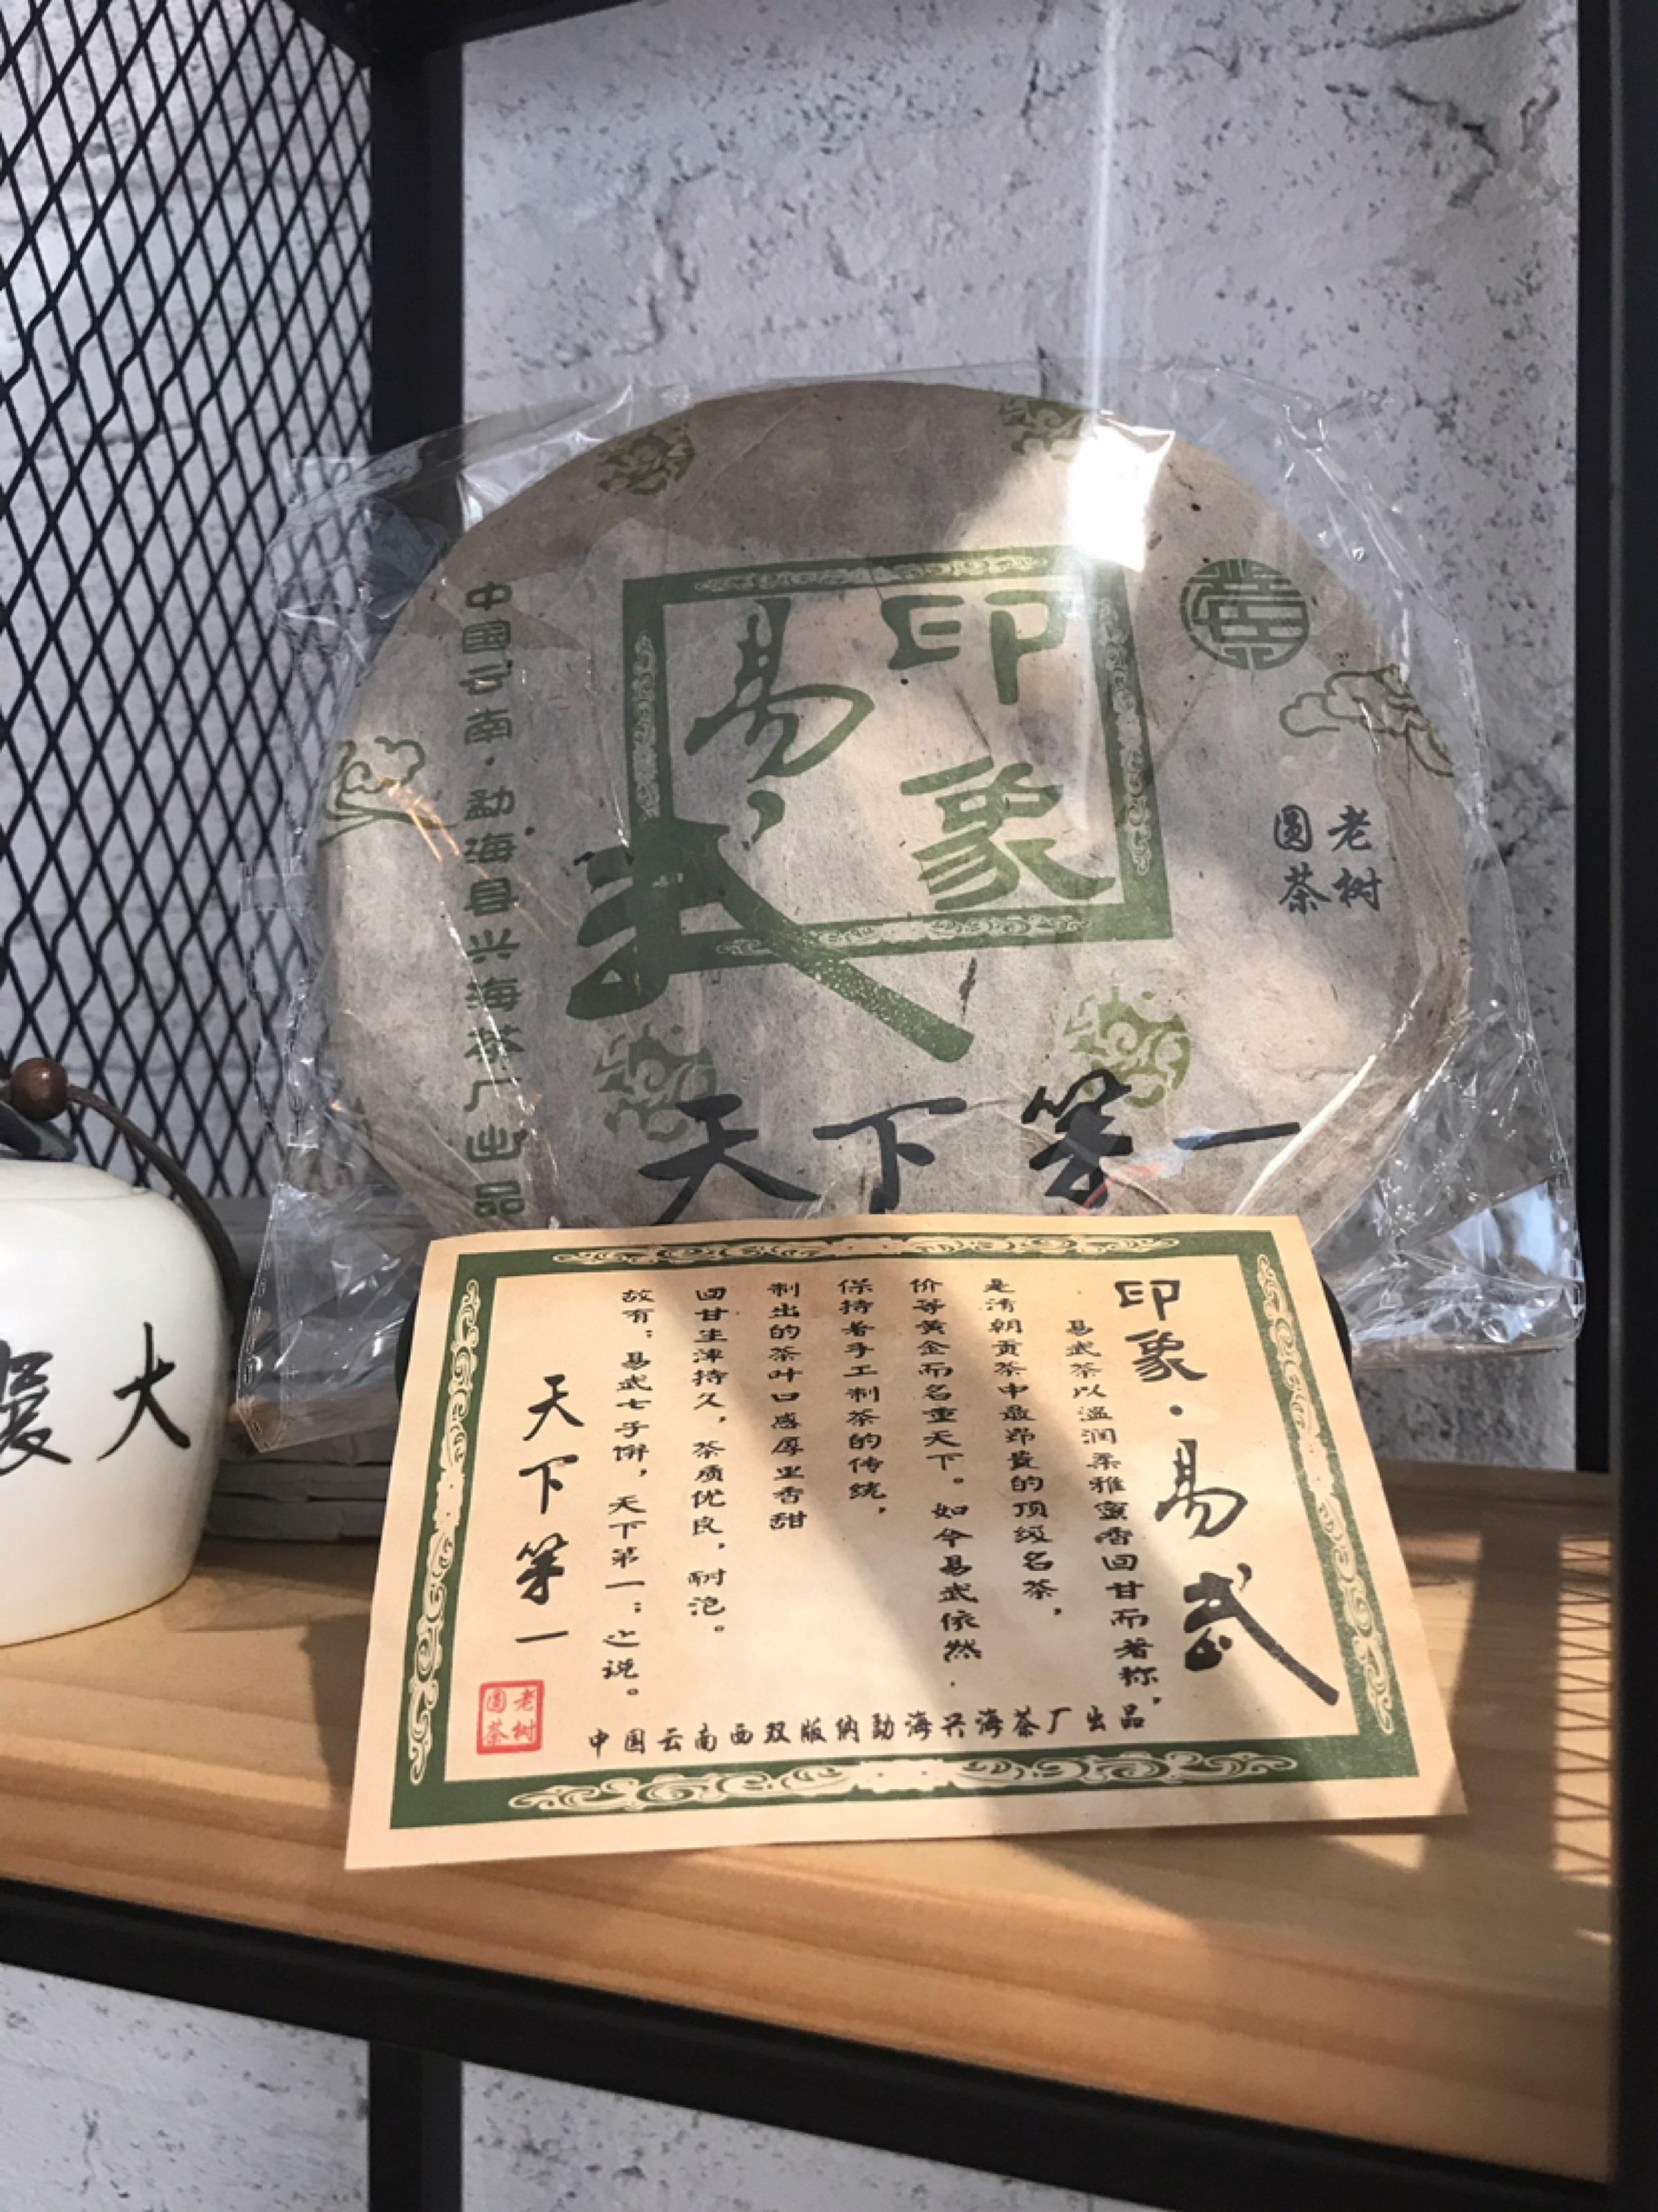 茶友们更喜欢拼配茶还是名山茶?